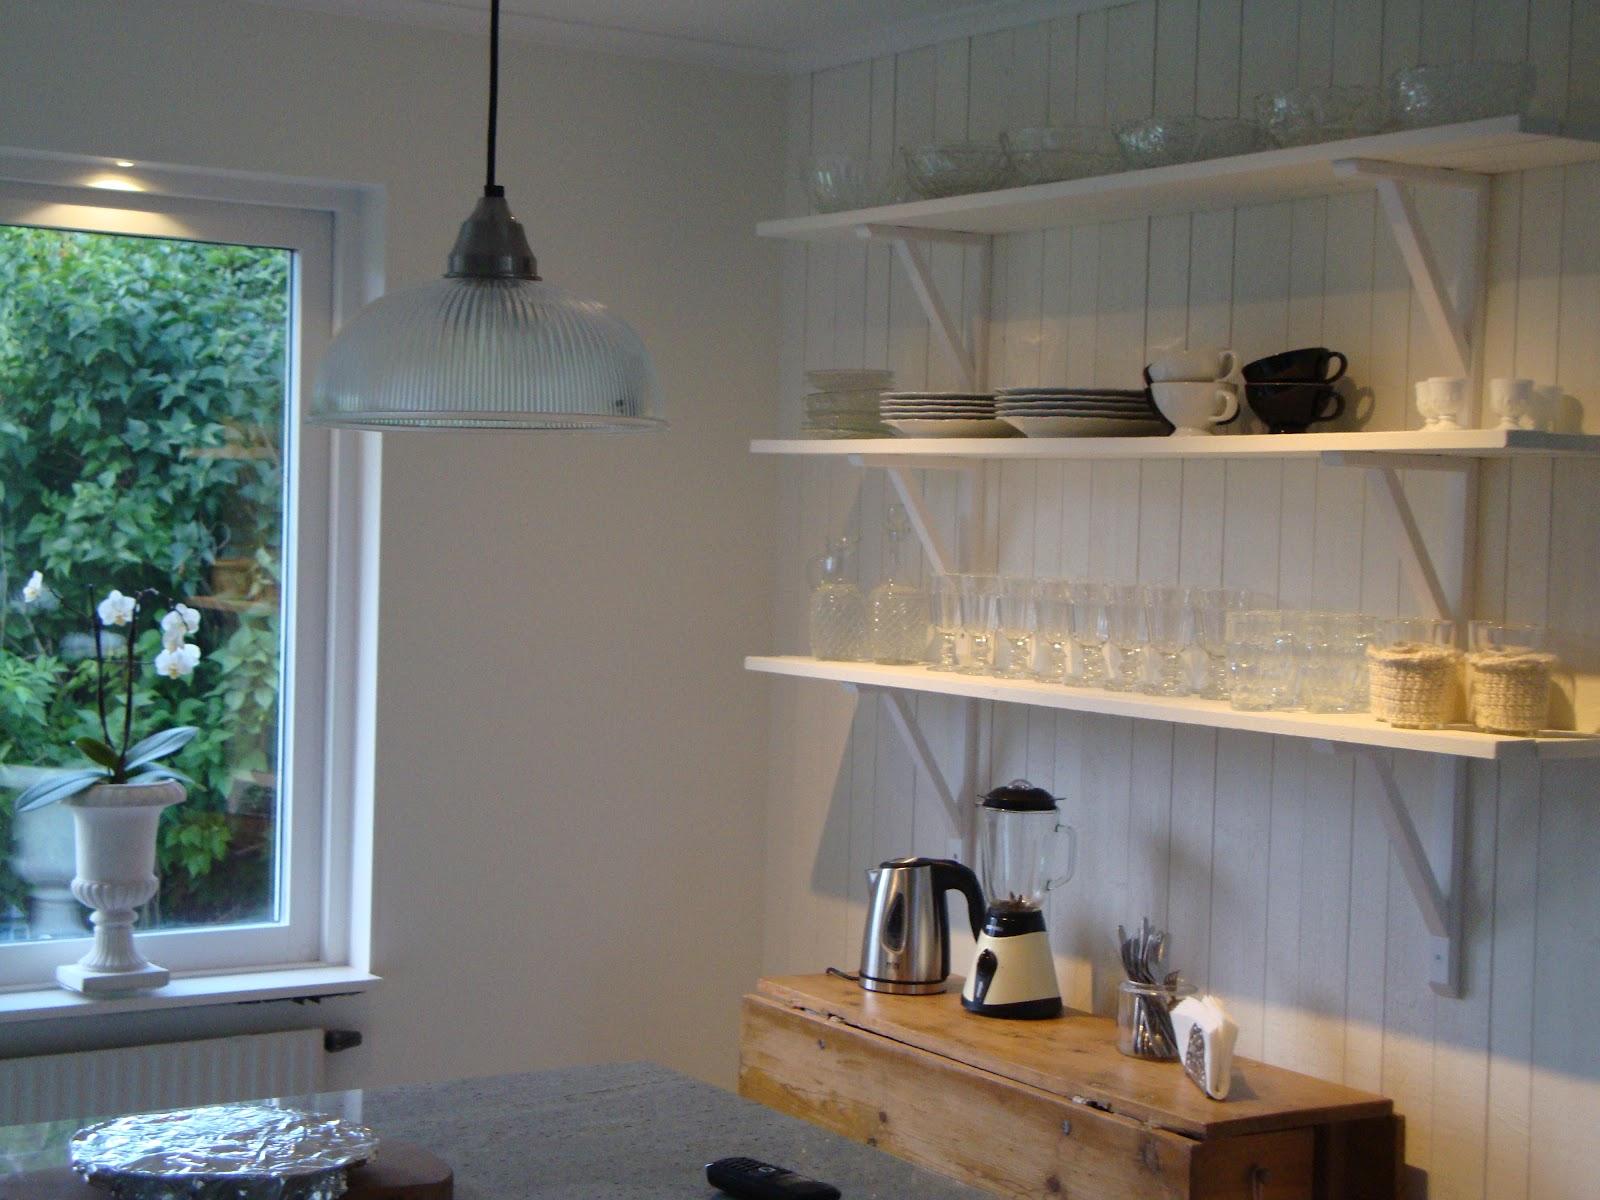 Camillas vita villa: hyllor i köket